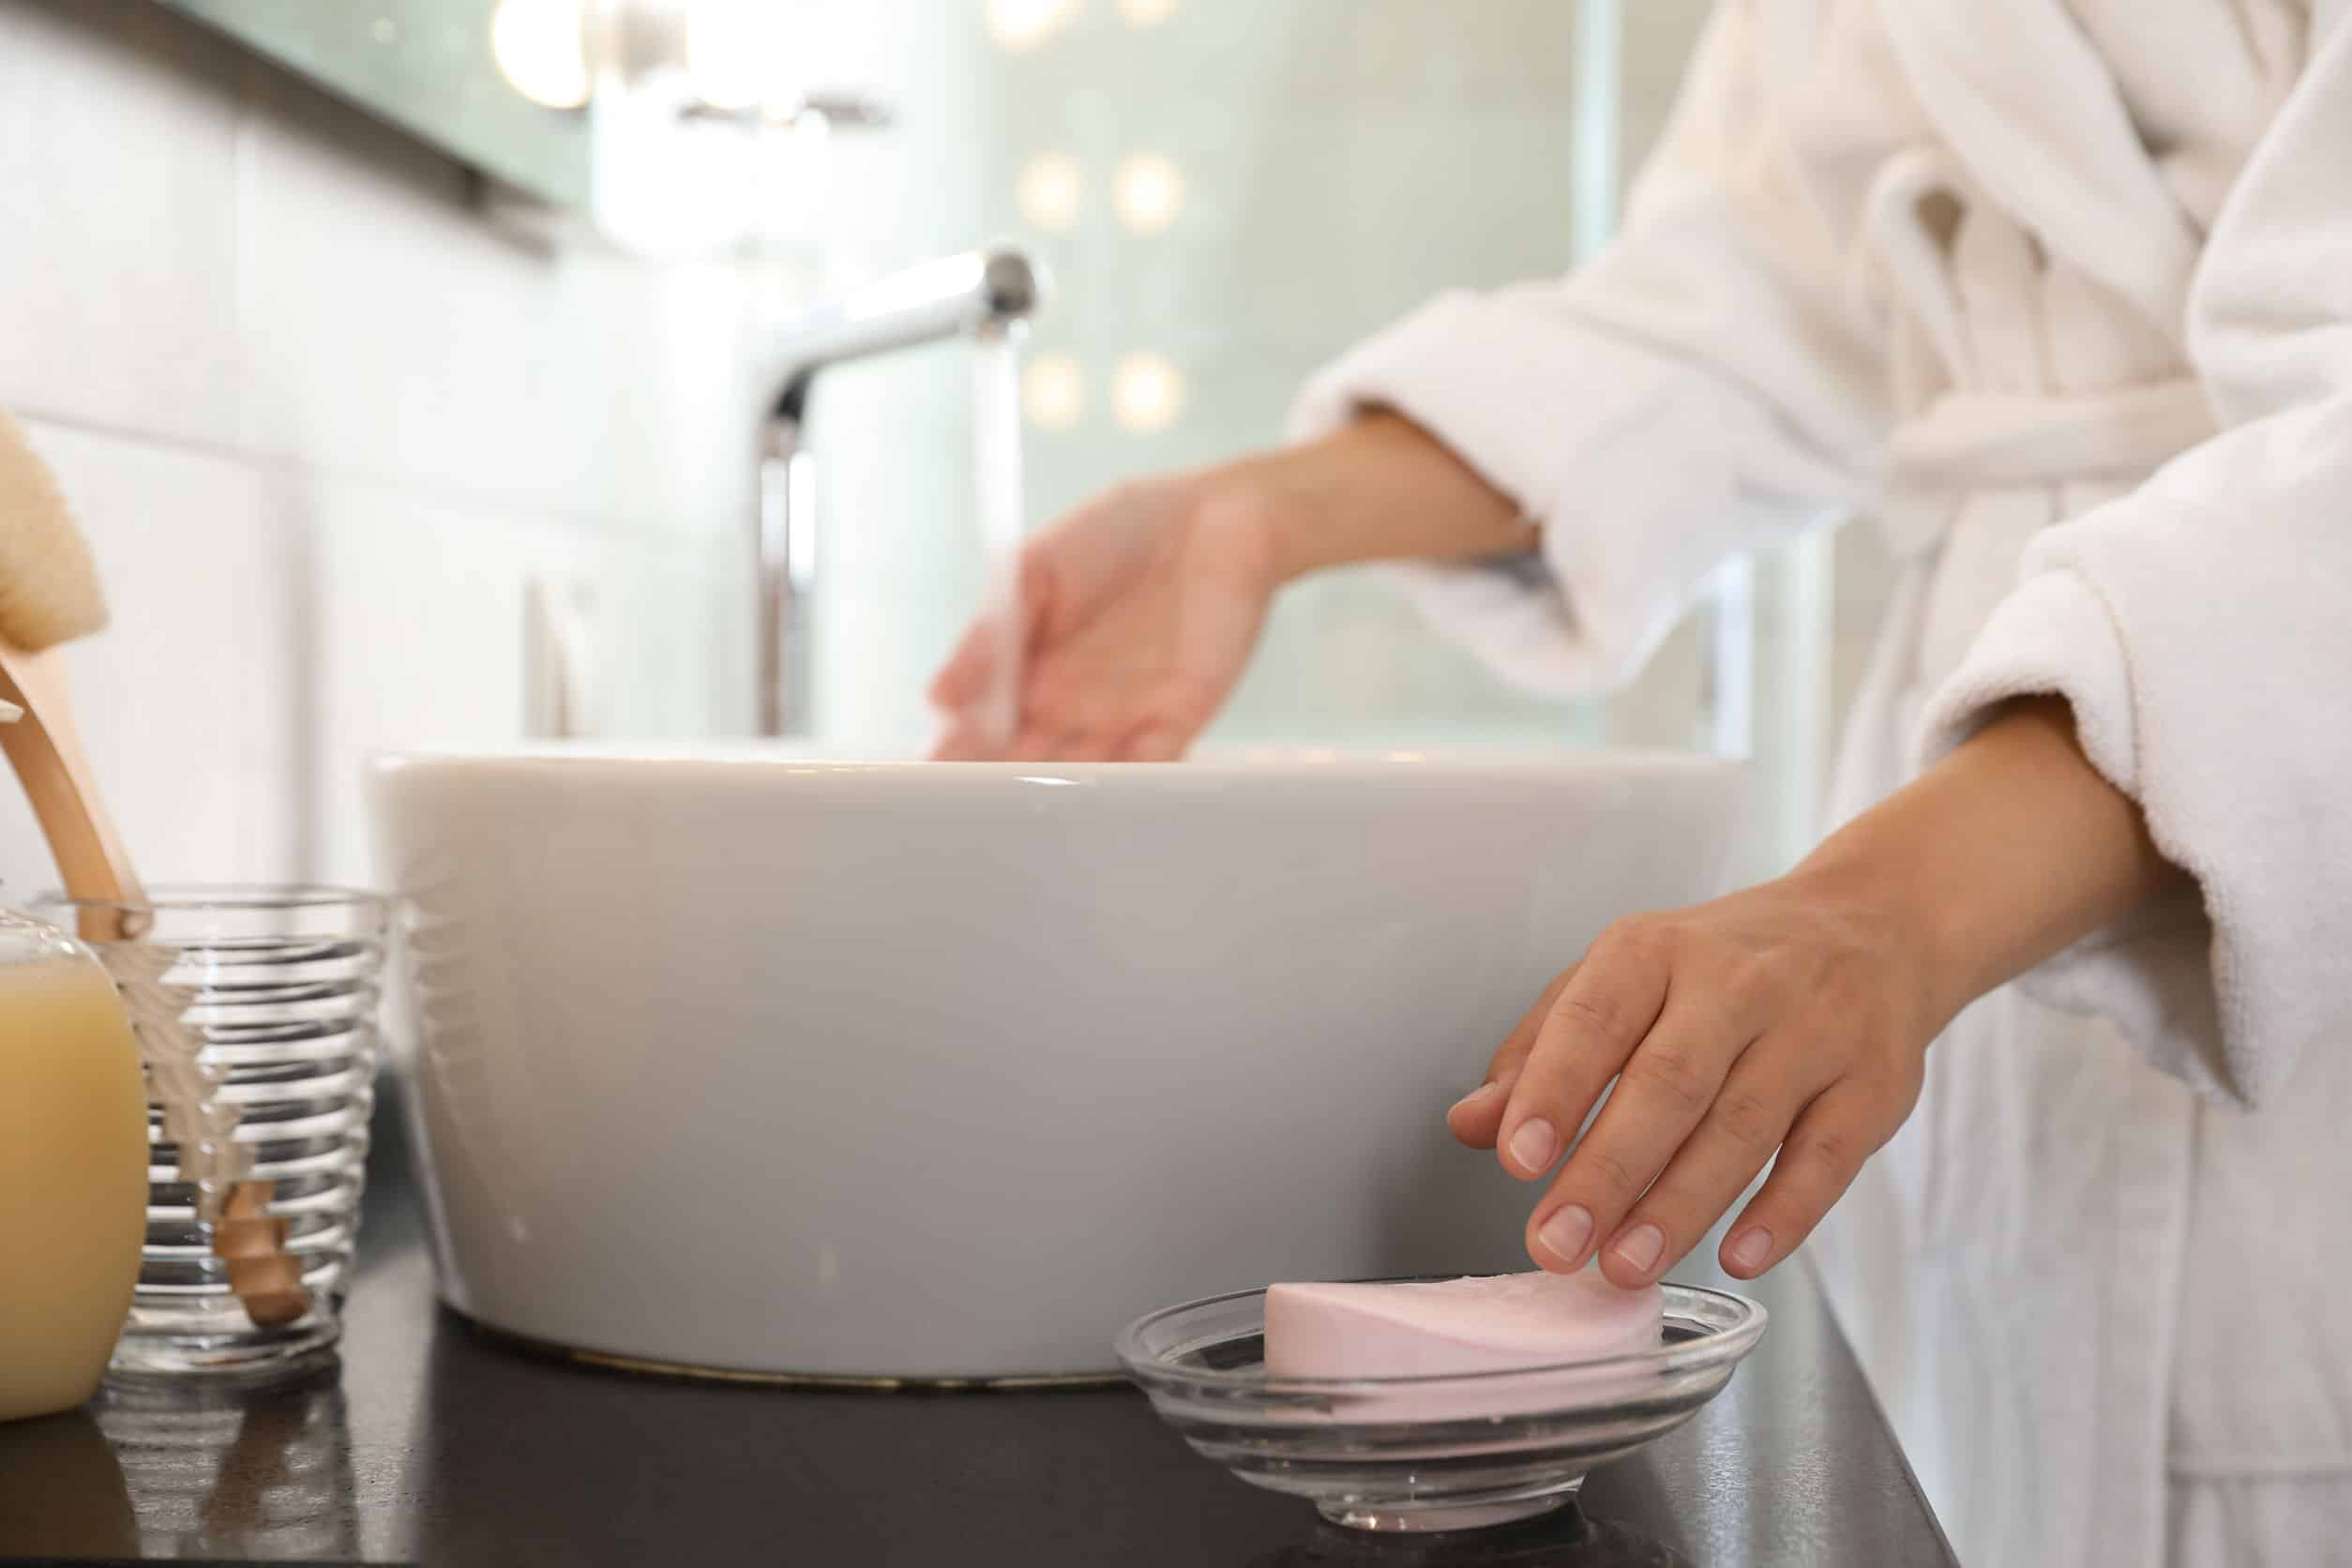 Imagem de uma pessoa lavando as mãos.